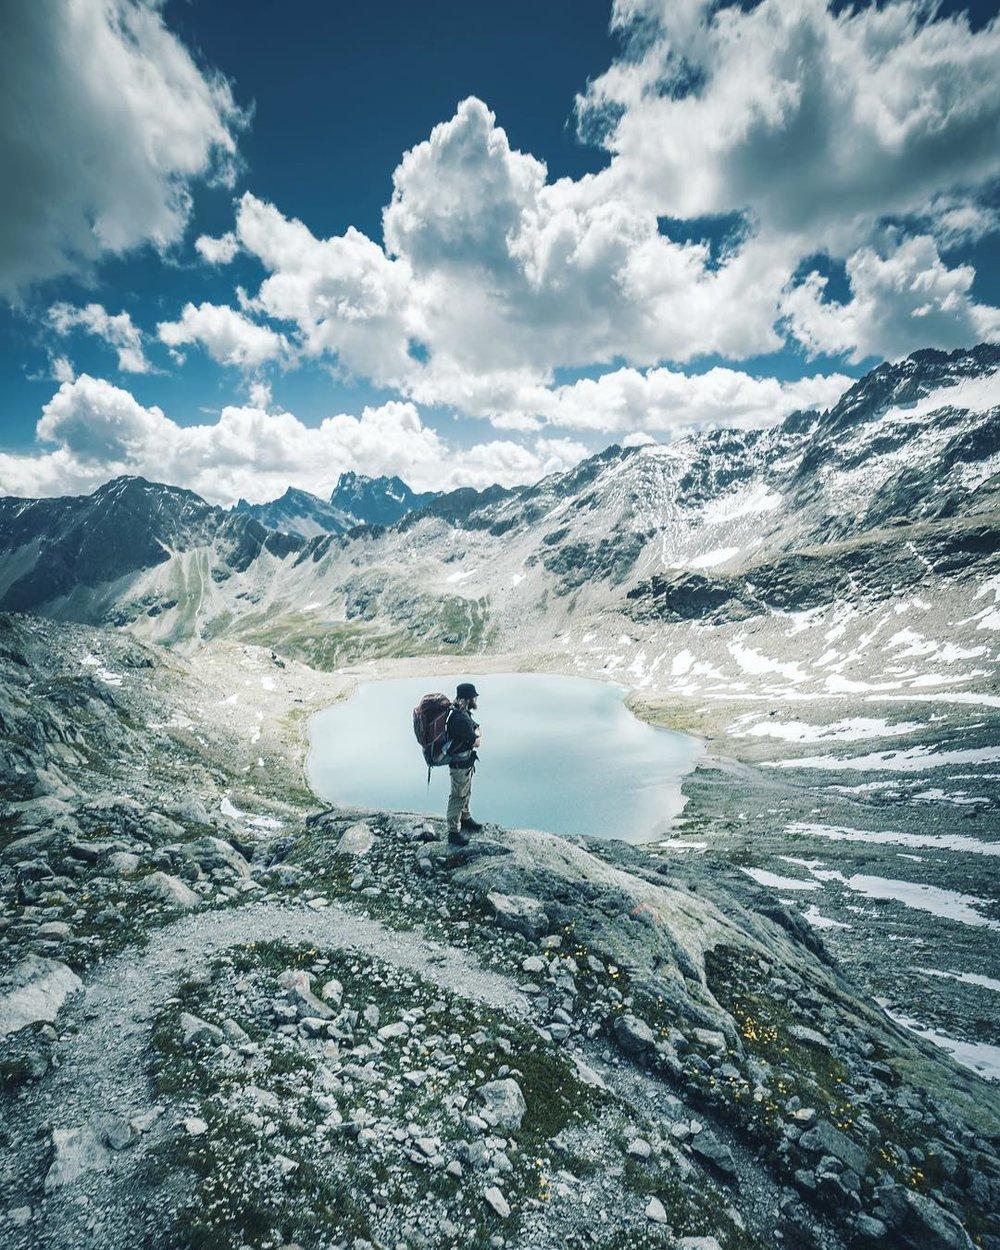 Ice cold mountain lake, Verwall, Austria.